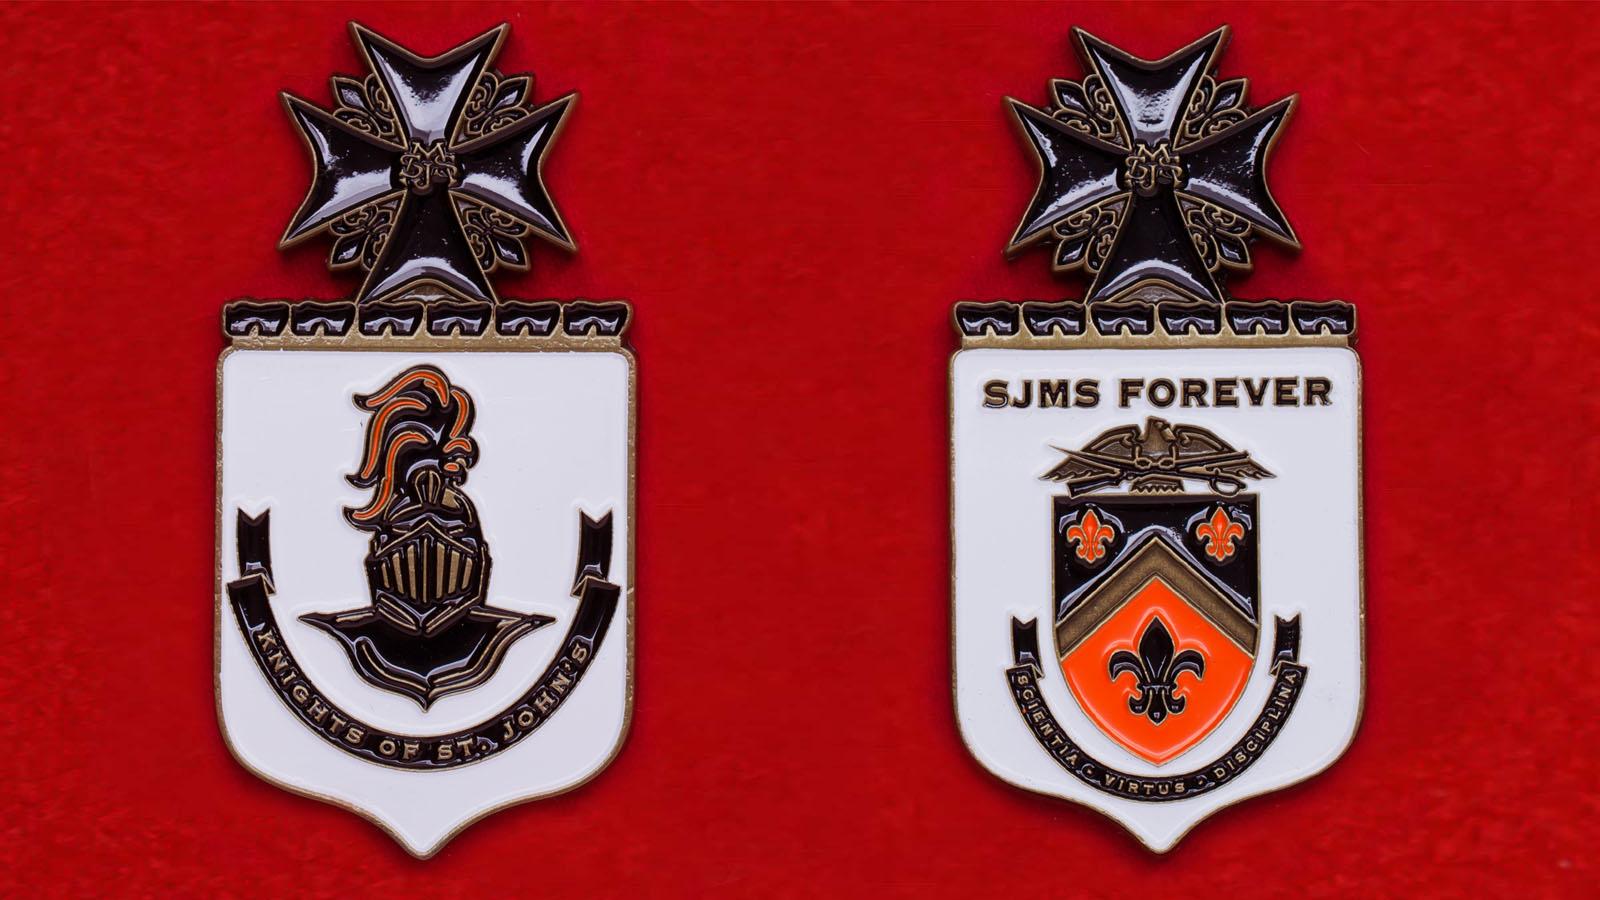 Челлендж коин частной военной школы Св. Иоанна в г. Салина, Канзас